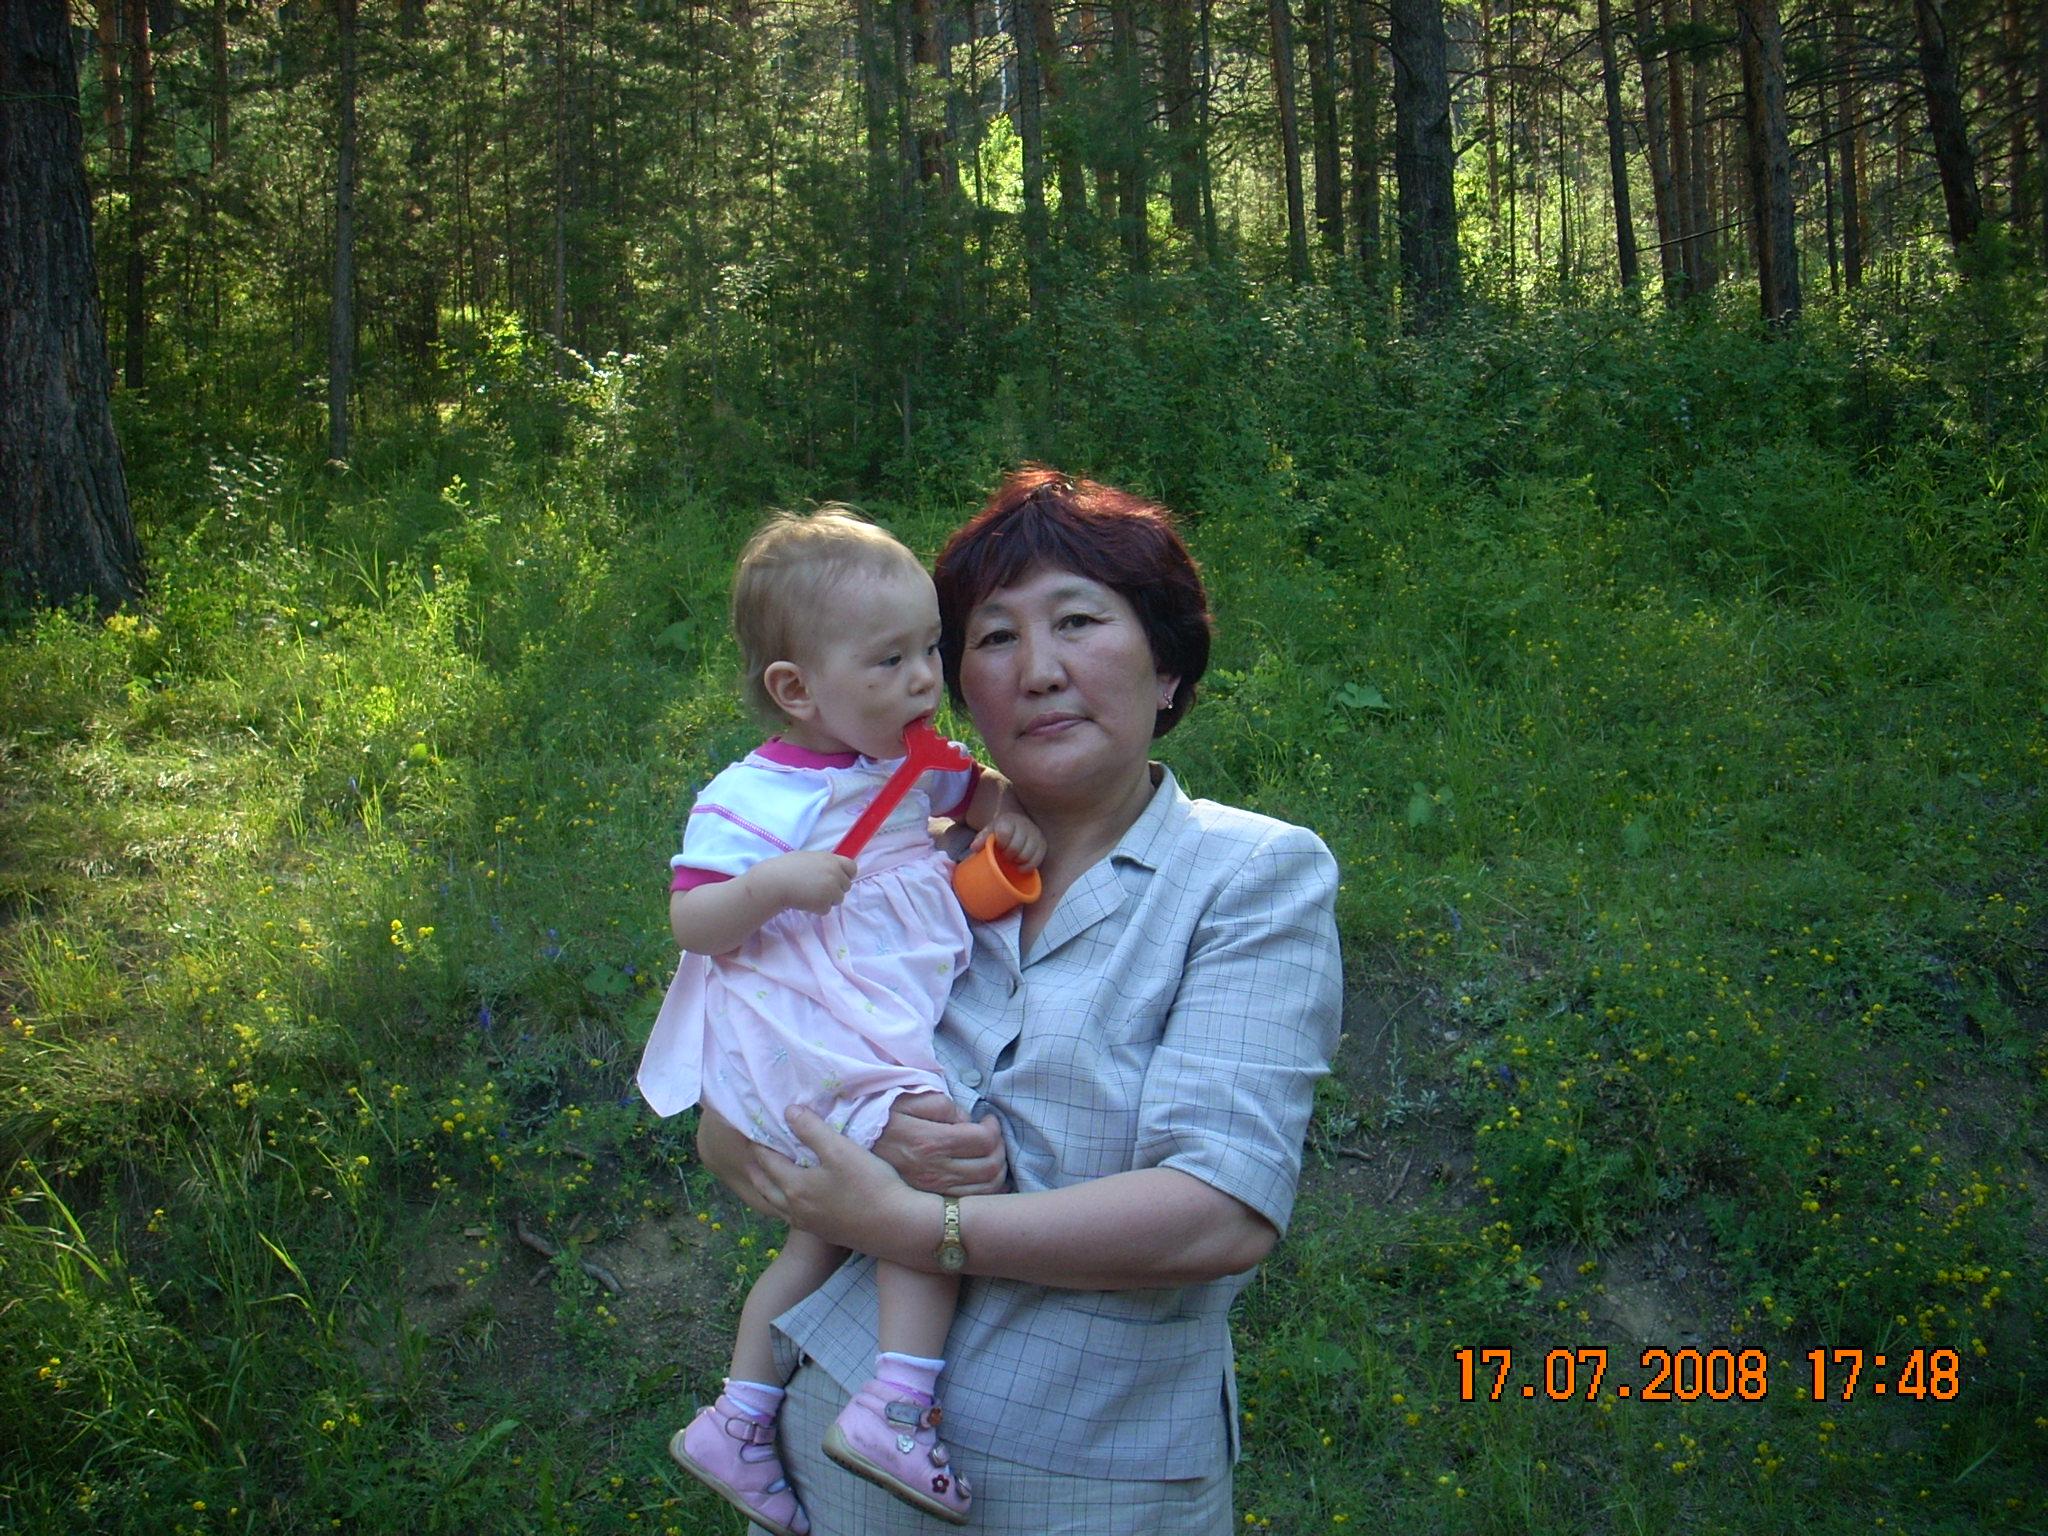 Гулять мы очень любим!. С мамой на прогулке